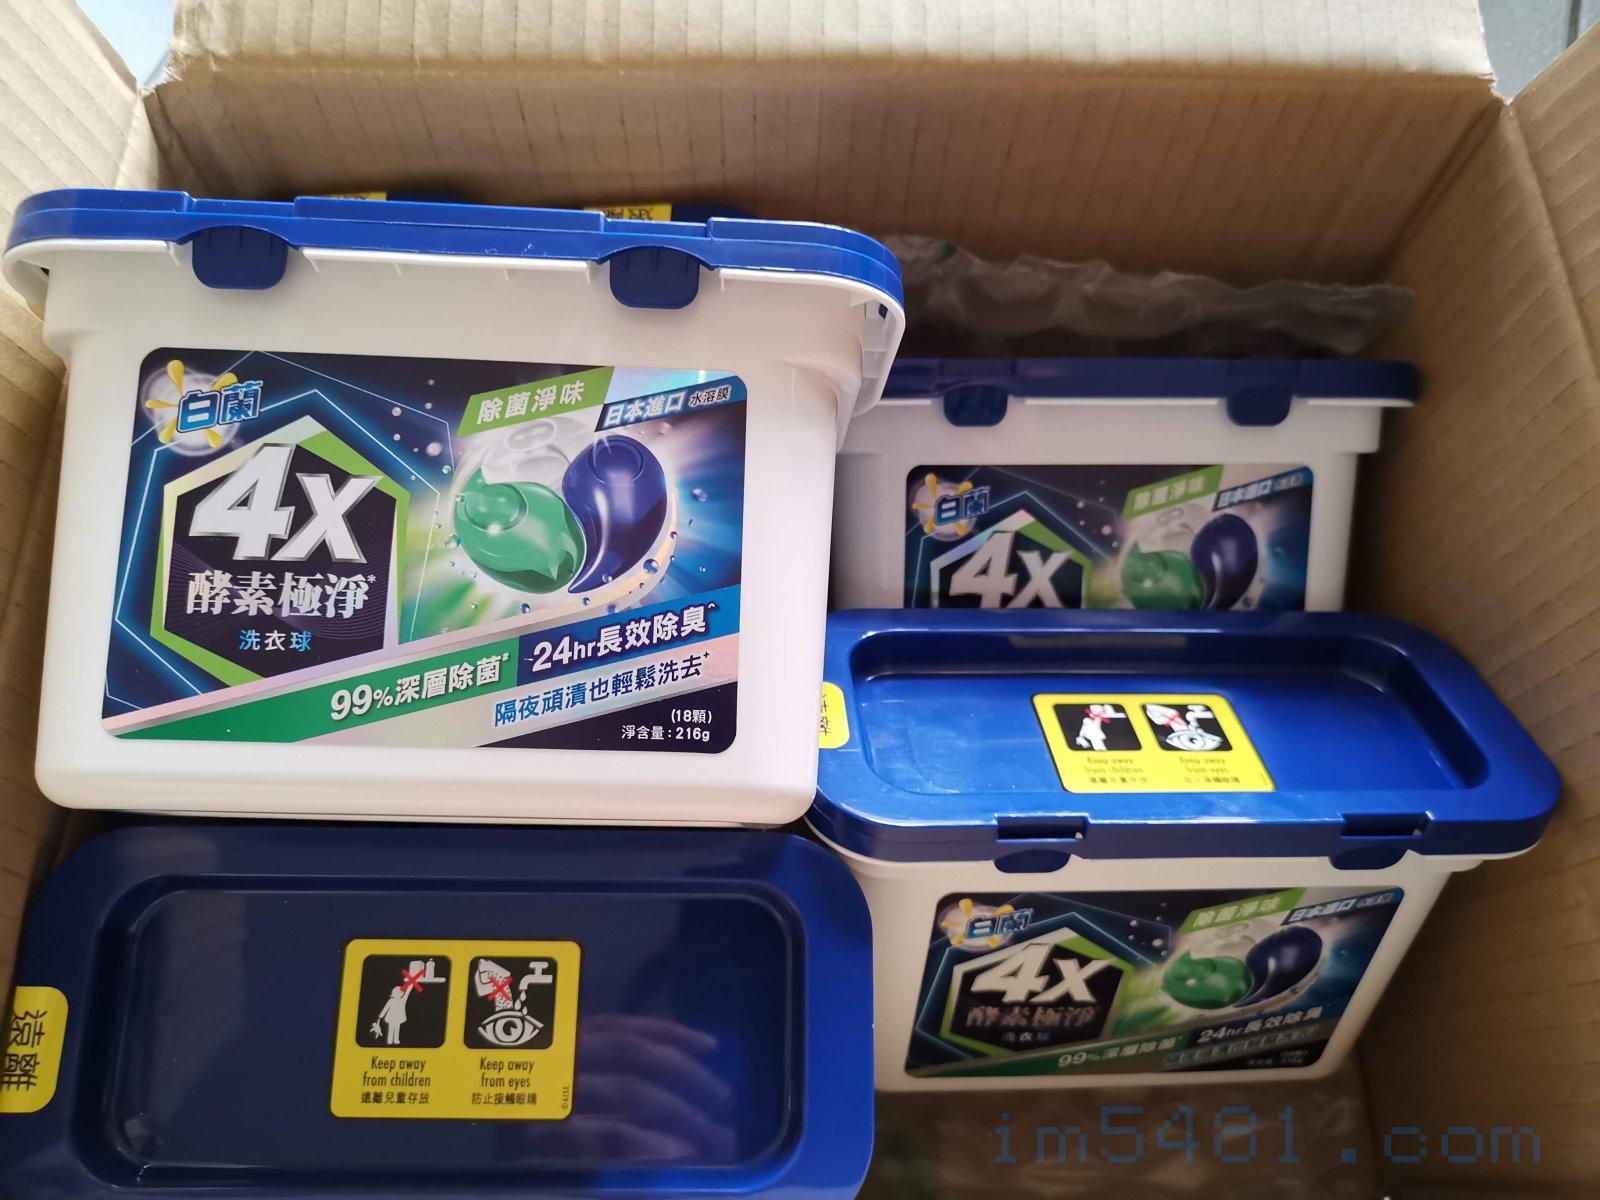 白蘭4X酵素極淨洗衣球除菌淨味